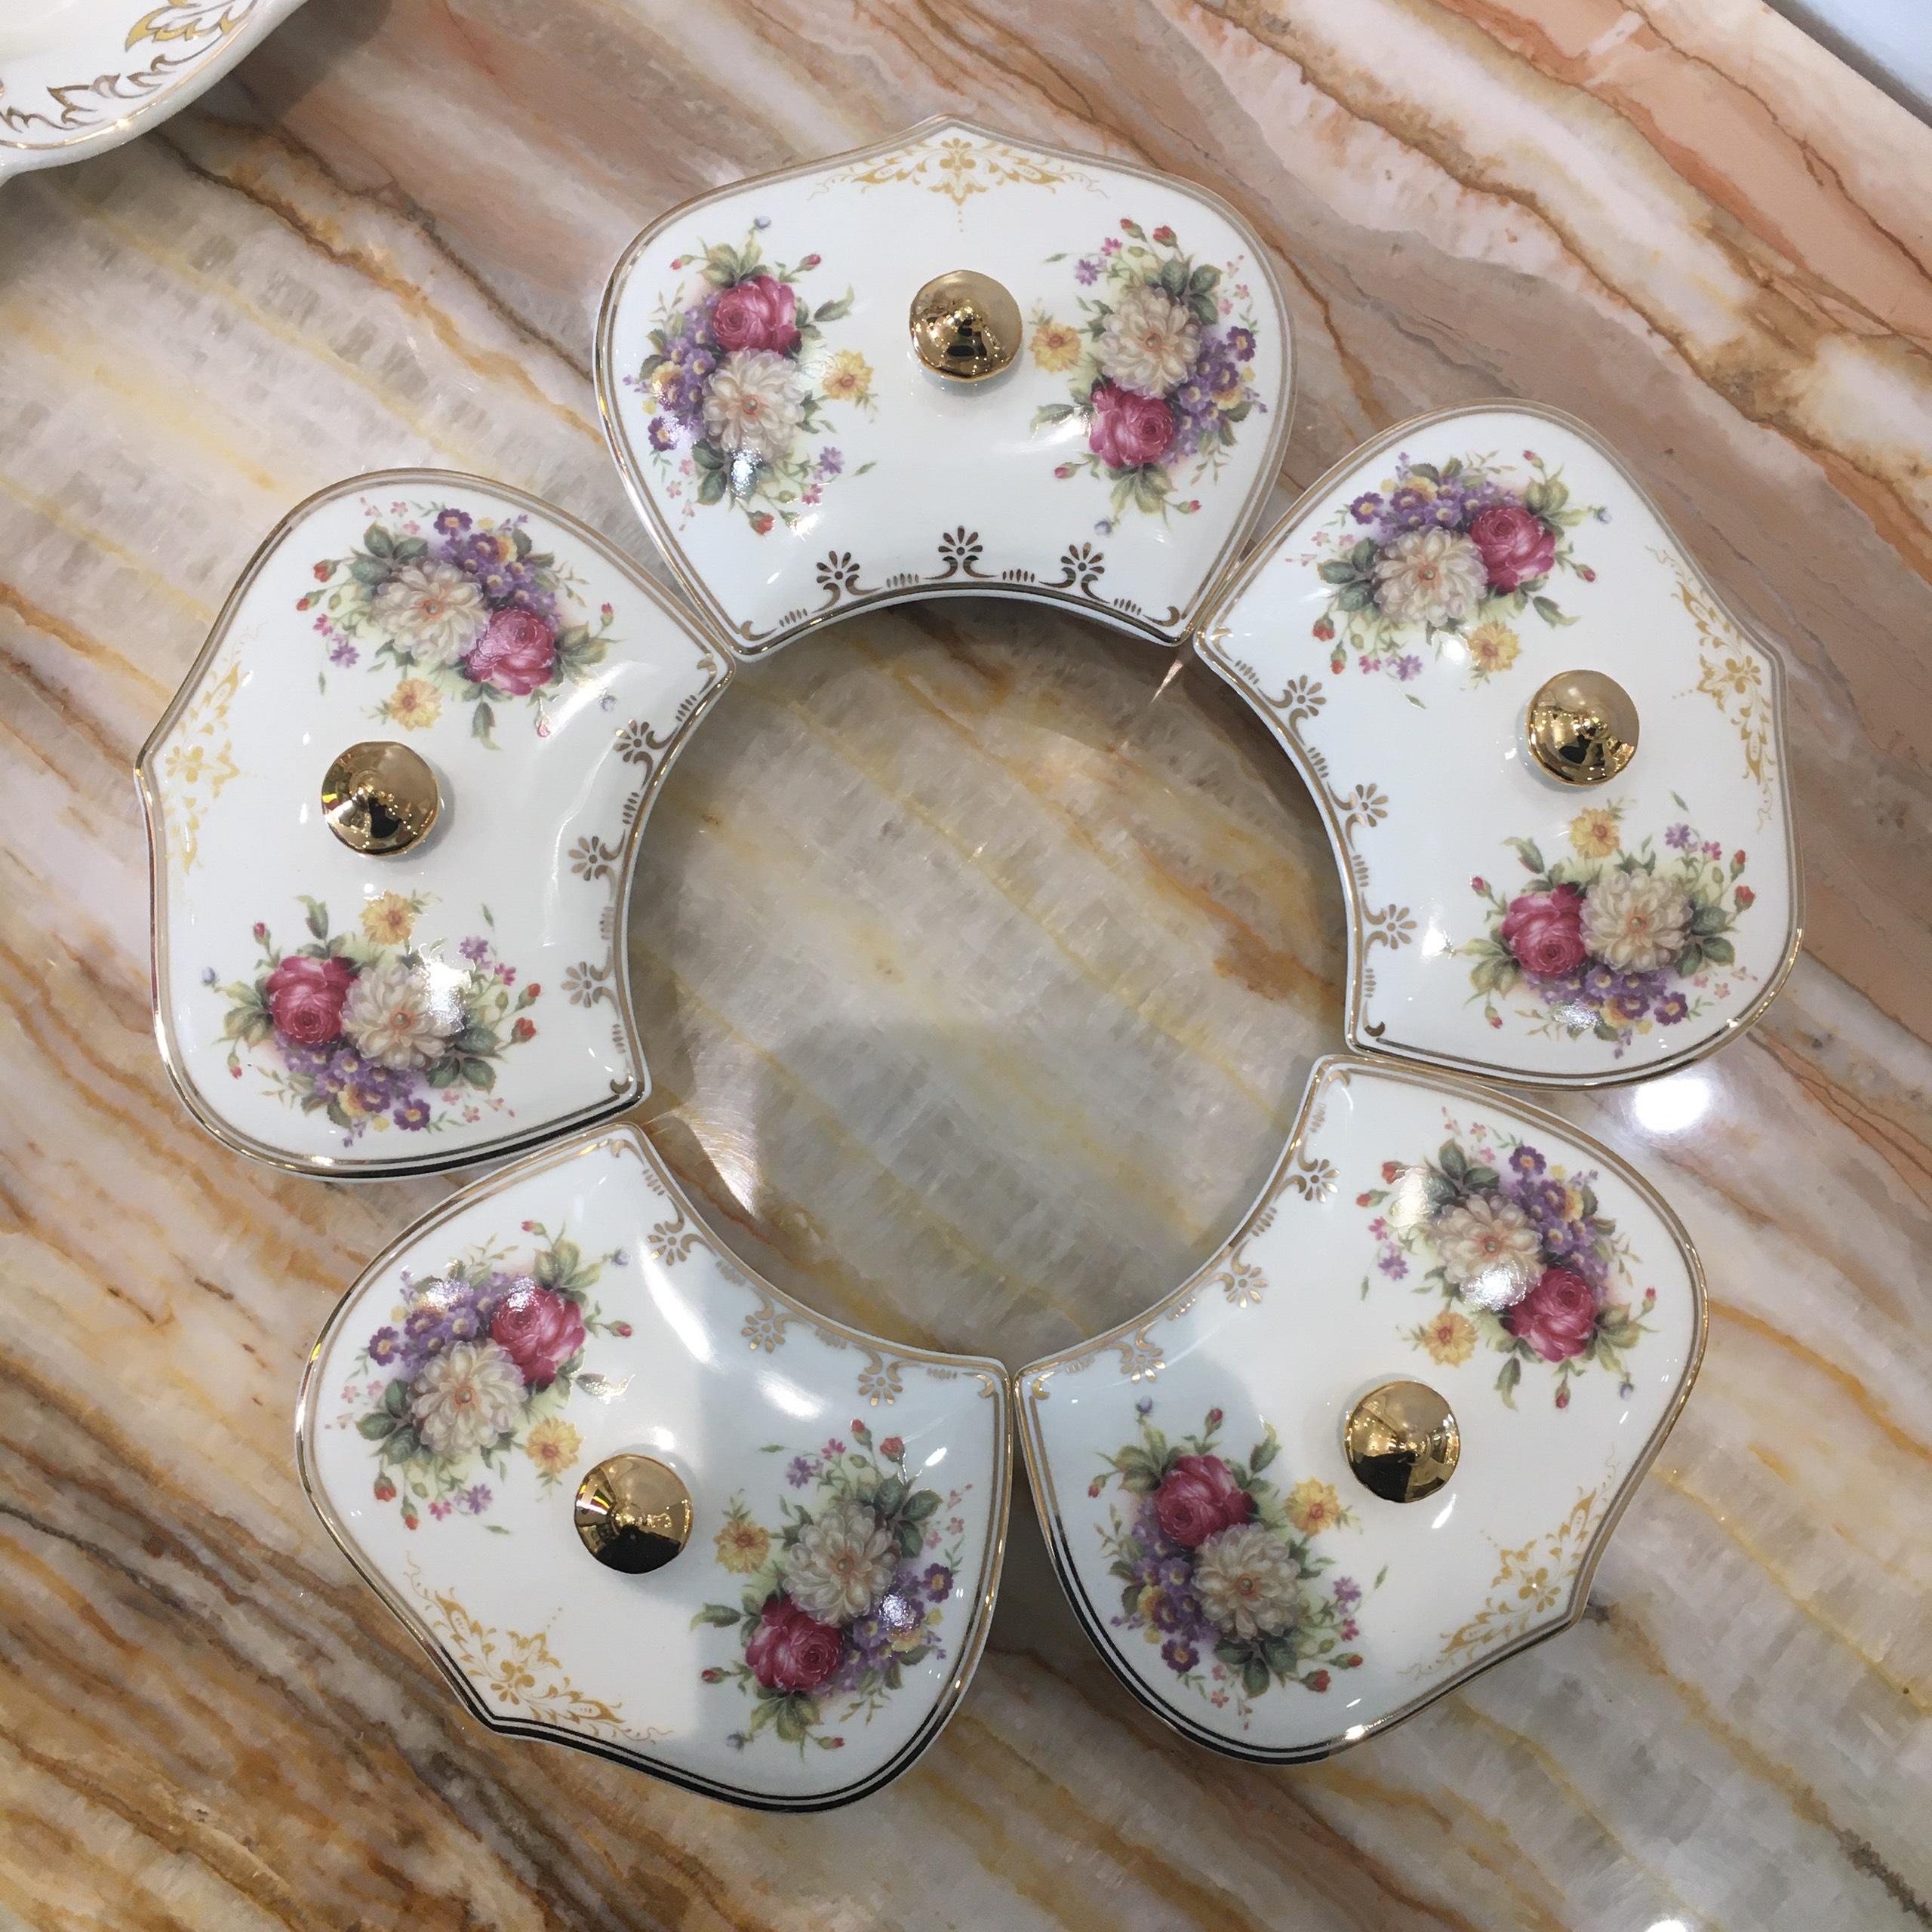 Khay đựng mứt, bánh kẹo ngày Tết họa tiết hoa mẫu đơn làm từ sứ cao cấp  phong cách tân cổ điển Châu Âu